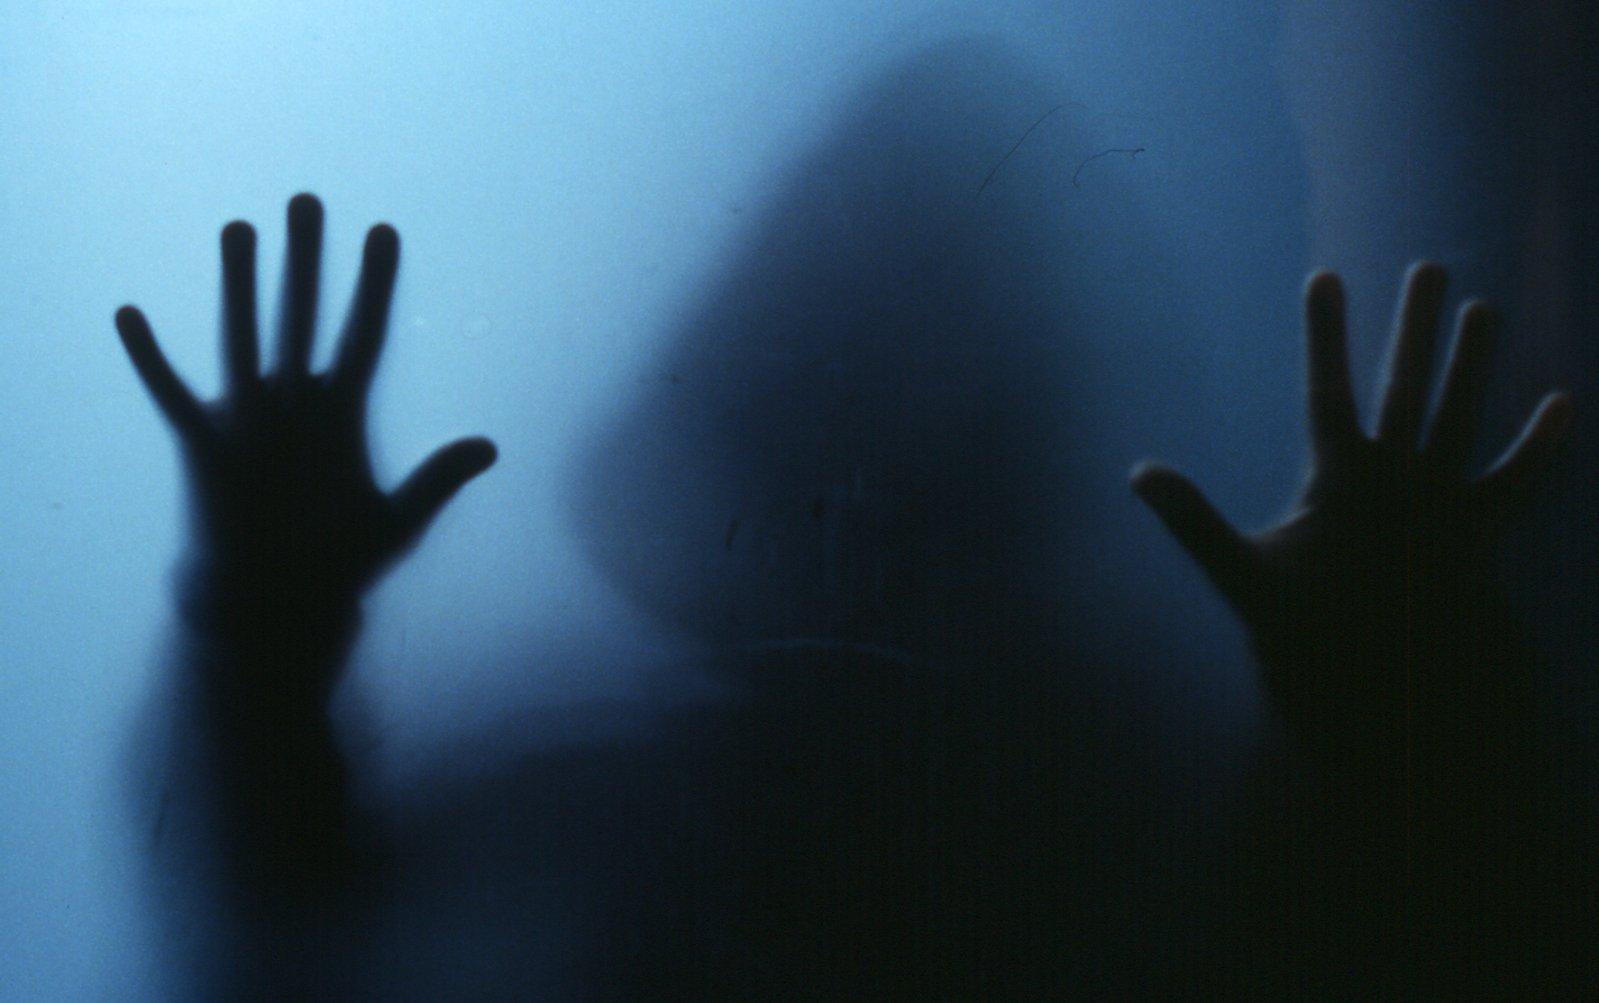 Con người có thể tiếp xúc với ma quỷ được không?